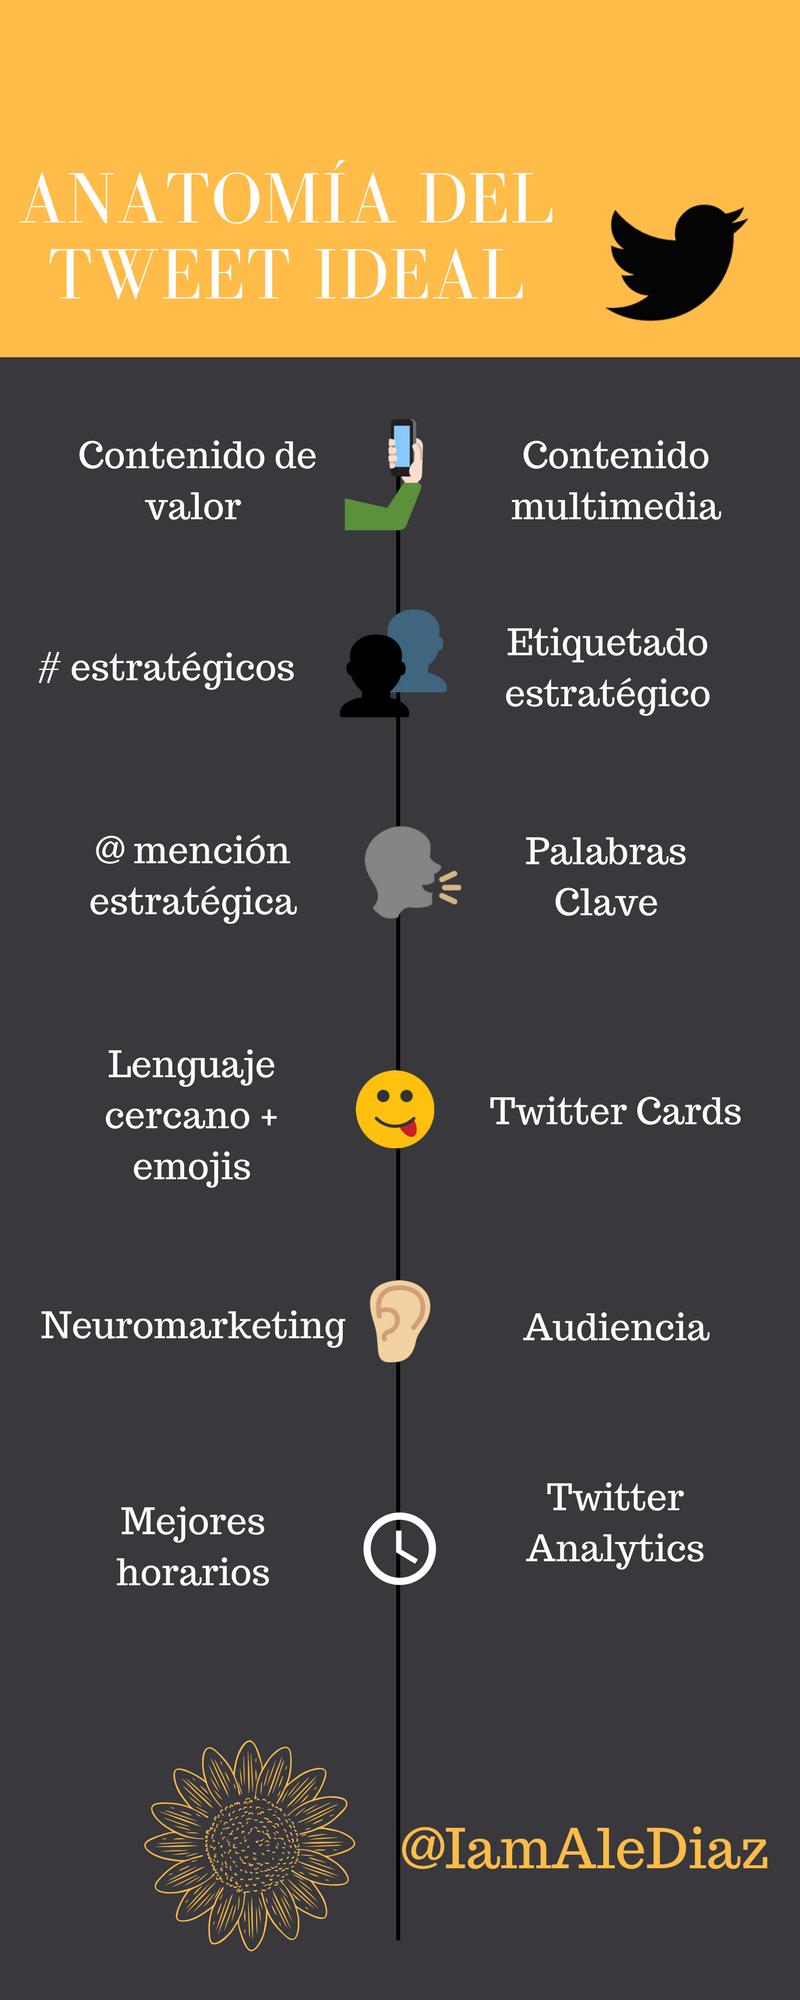 Anatomía del Tweet ideal | Infografías propias | Pinterest ...